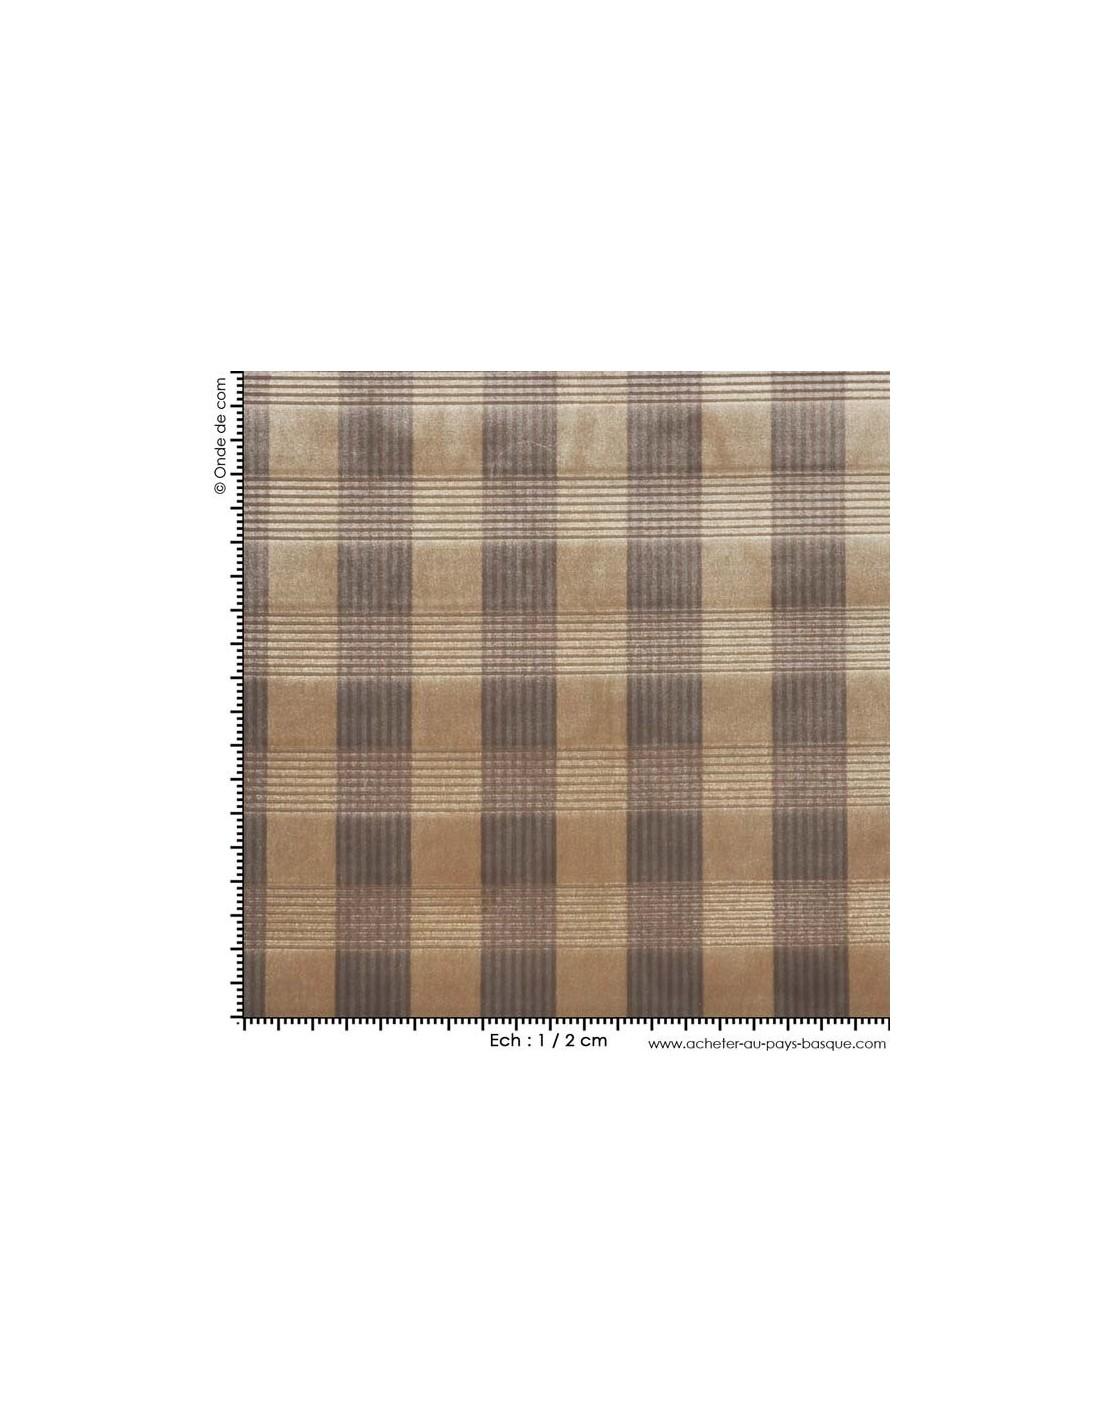 tissus ameublement tissu de d coration chambres rideaux fauteuil design contemporain 3. Black Bedroom Furniture Sets. Home Design Ideas